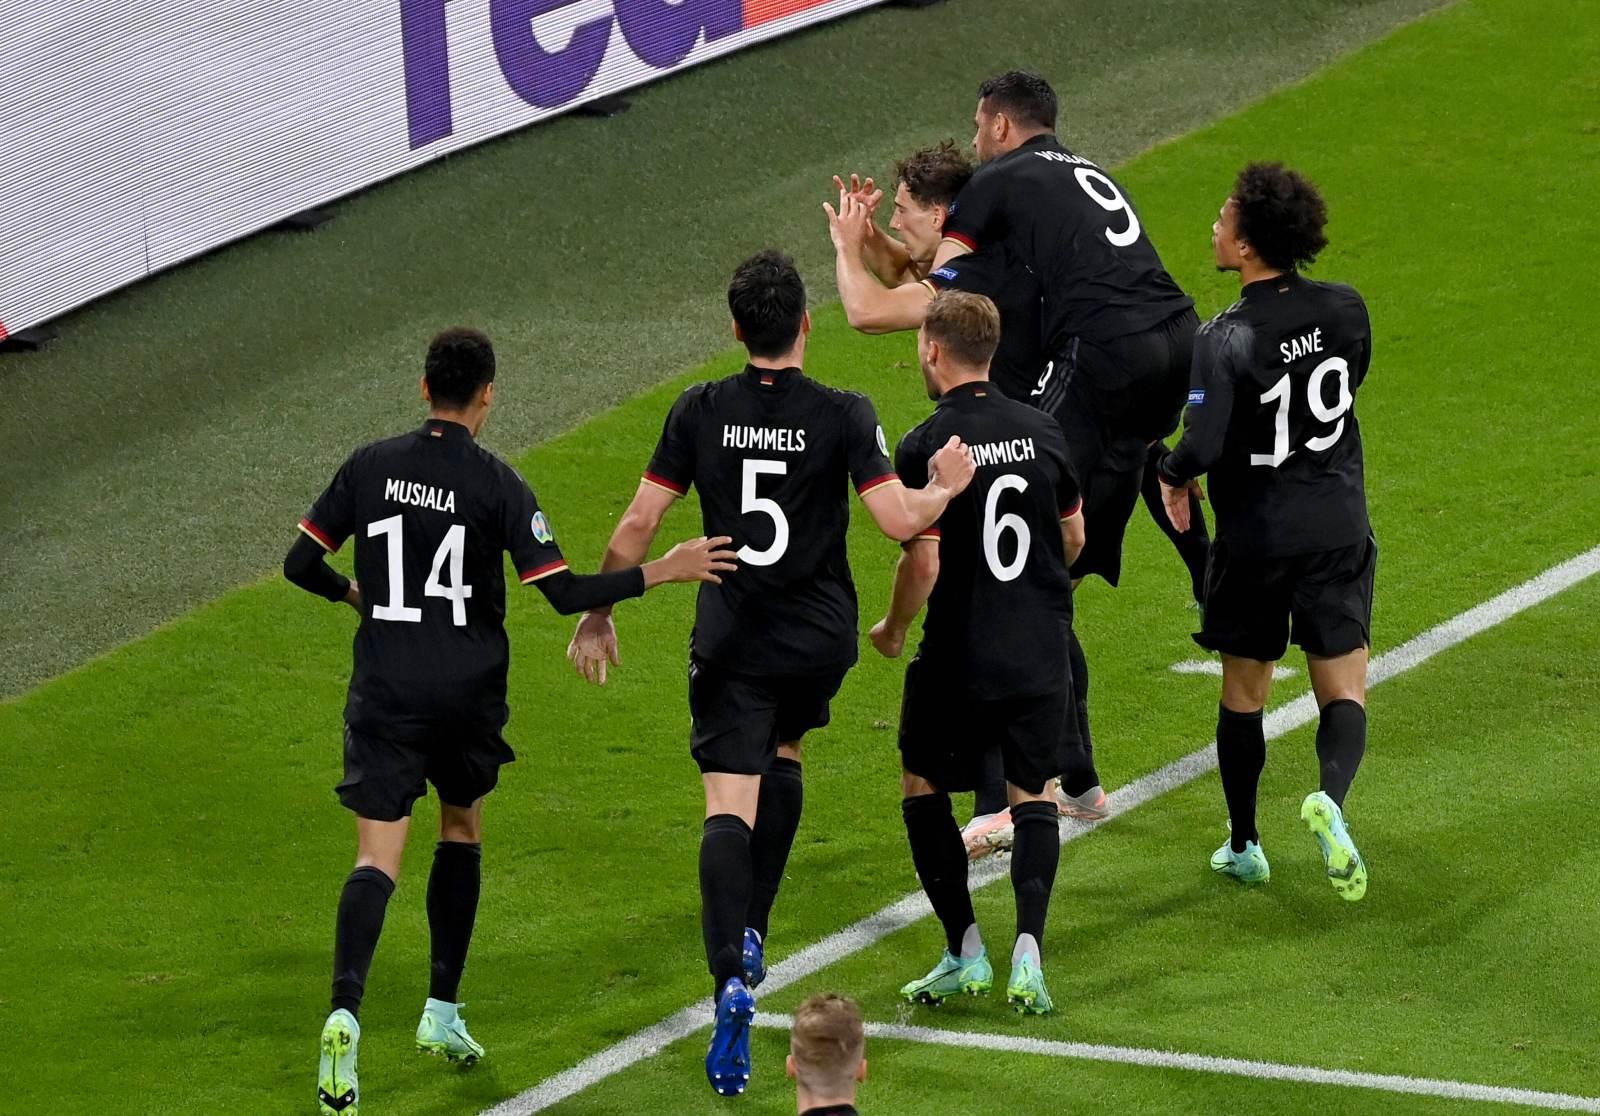 Стали известны сборные, что поедут на чемпионат мира